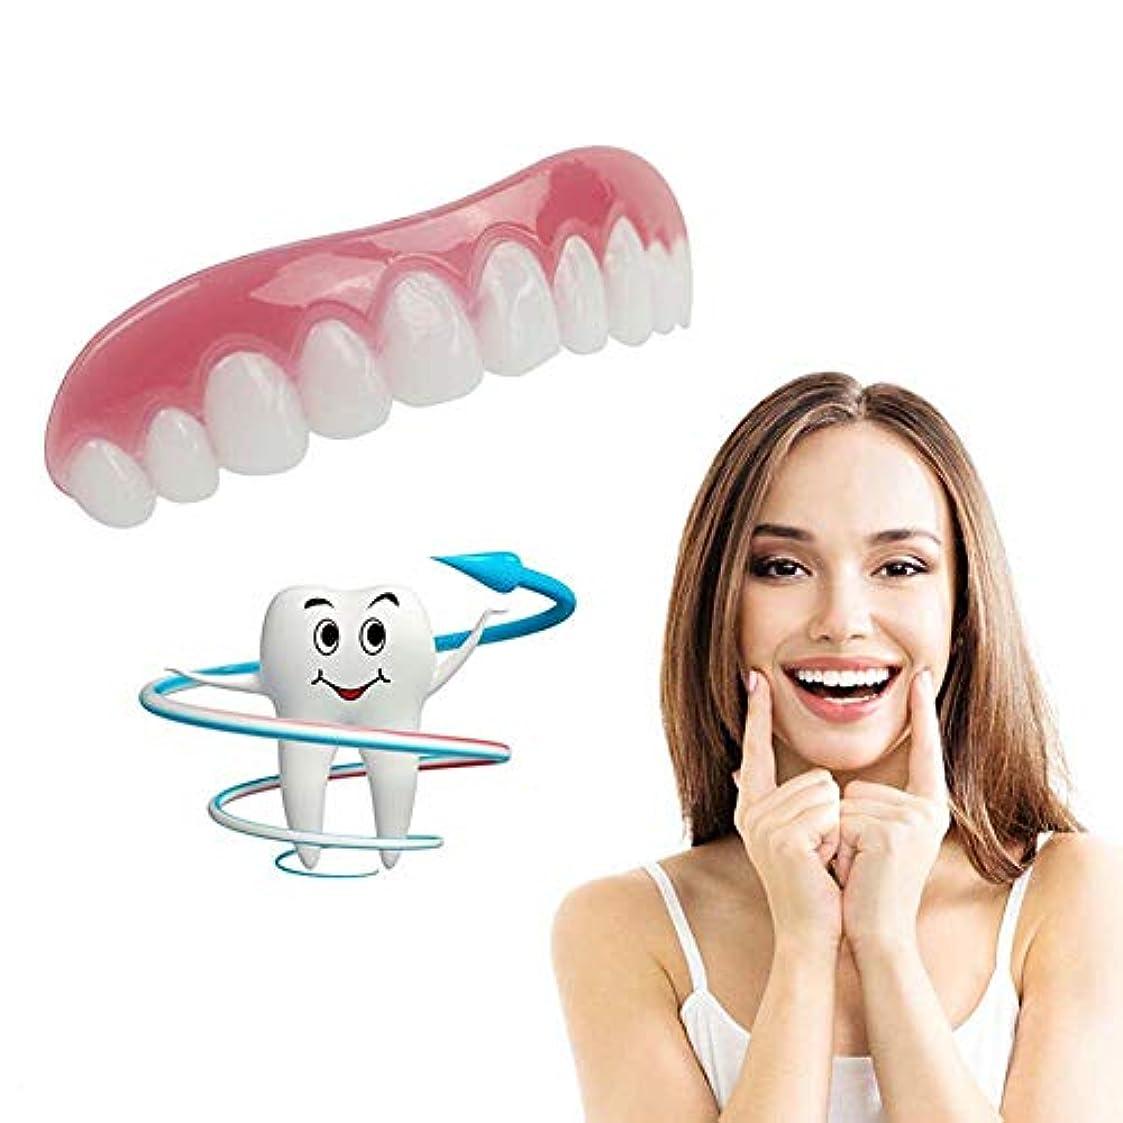 中級プレート無実化粧品の歯、超快適、快適なフィット感、白い歯をきれいにするための快適なフィットフレックス歯ソケット、快適なフィット感、3セット